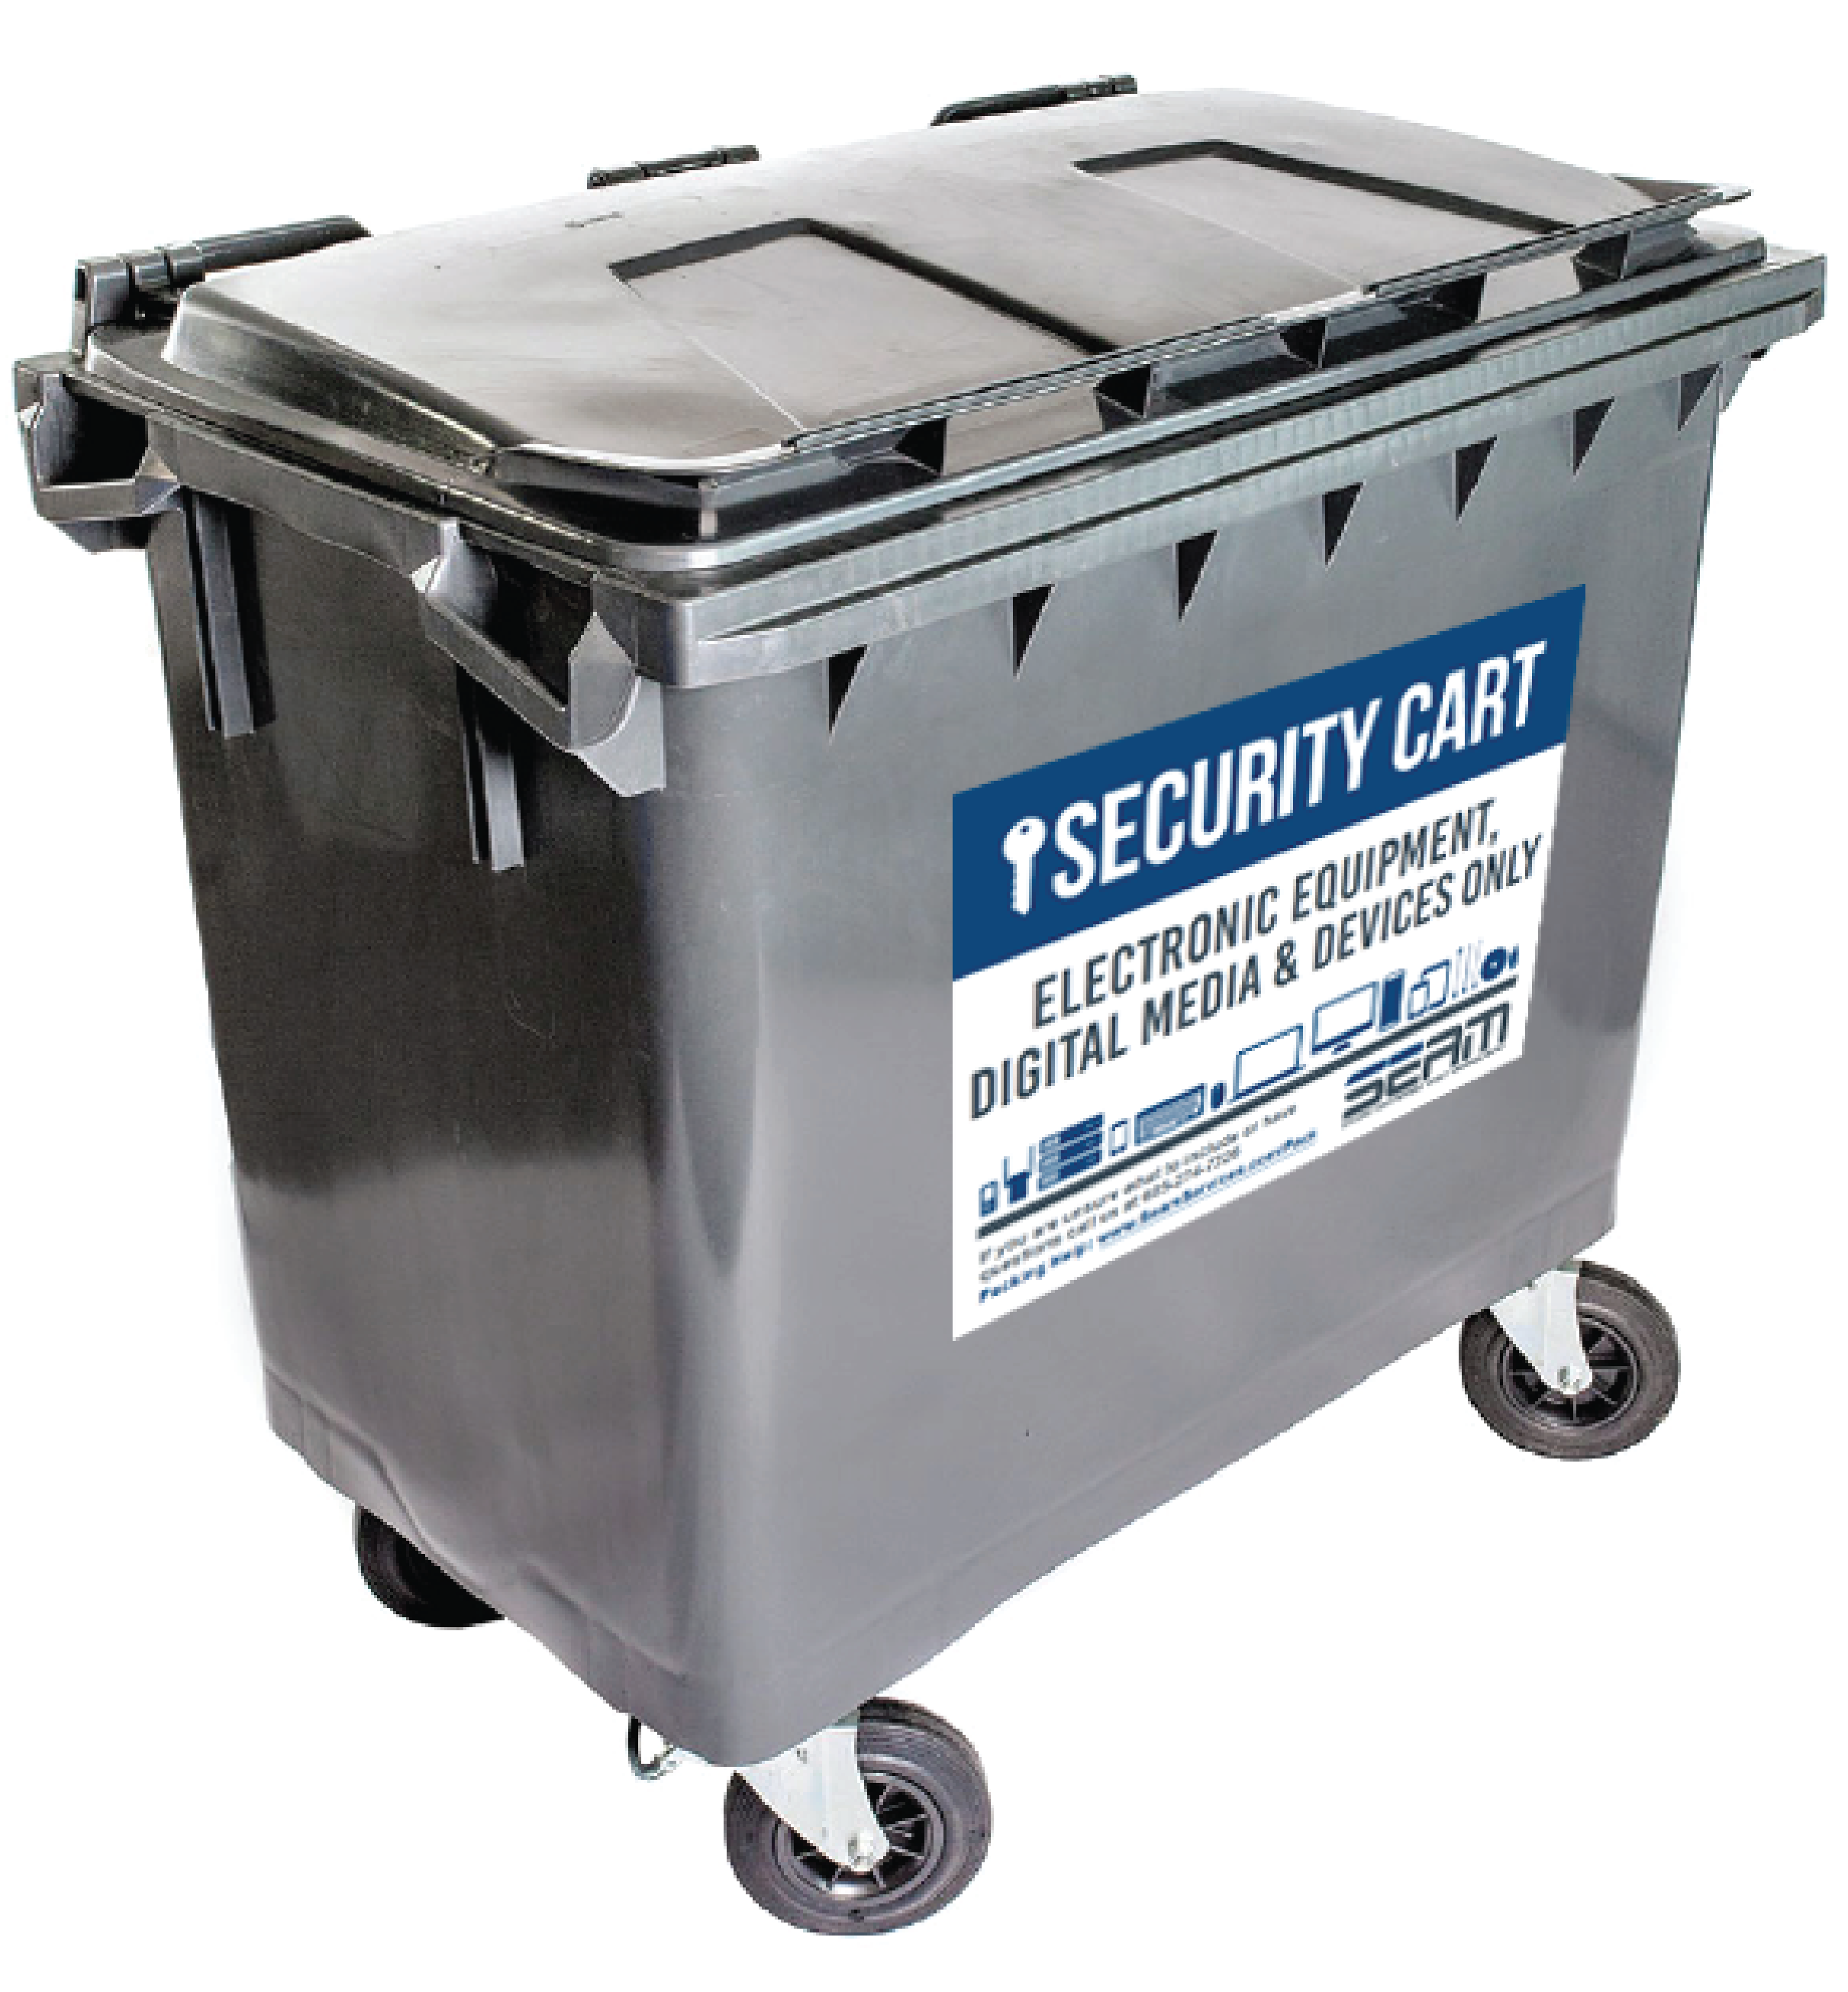 XL Security Cart